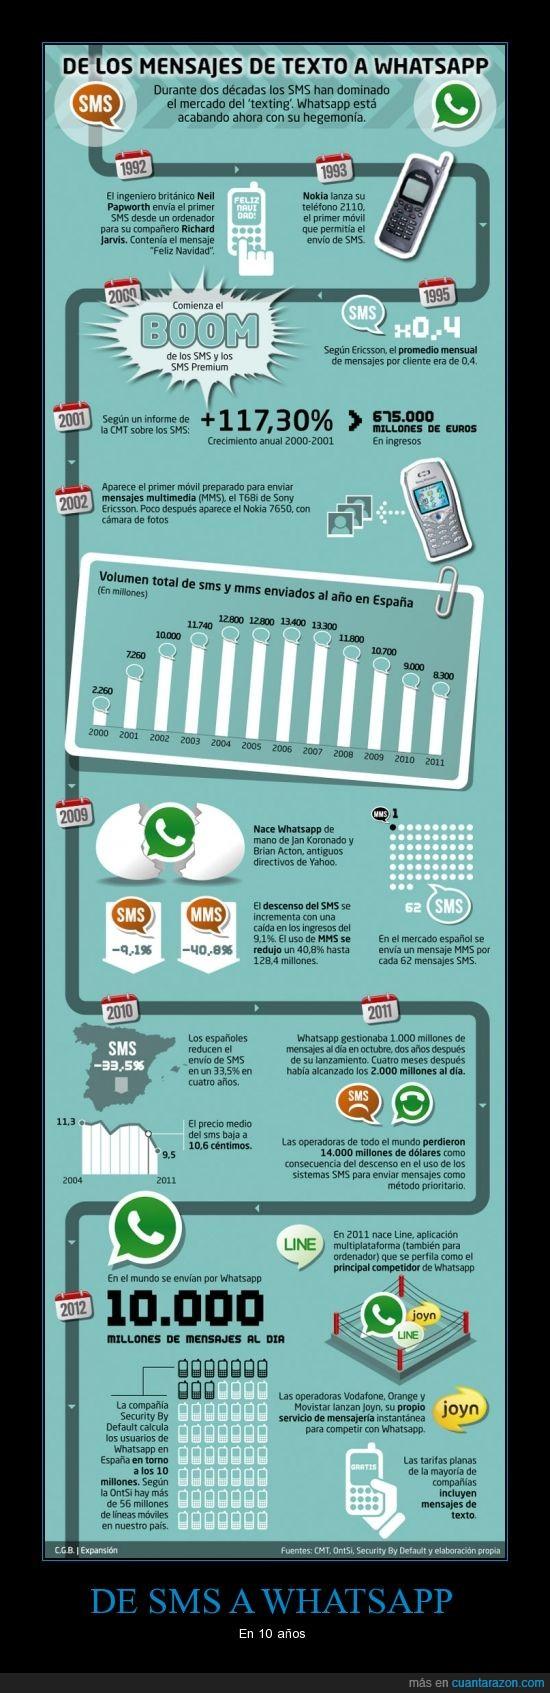 Del SMS al WhatsApp en 10 años